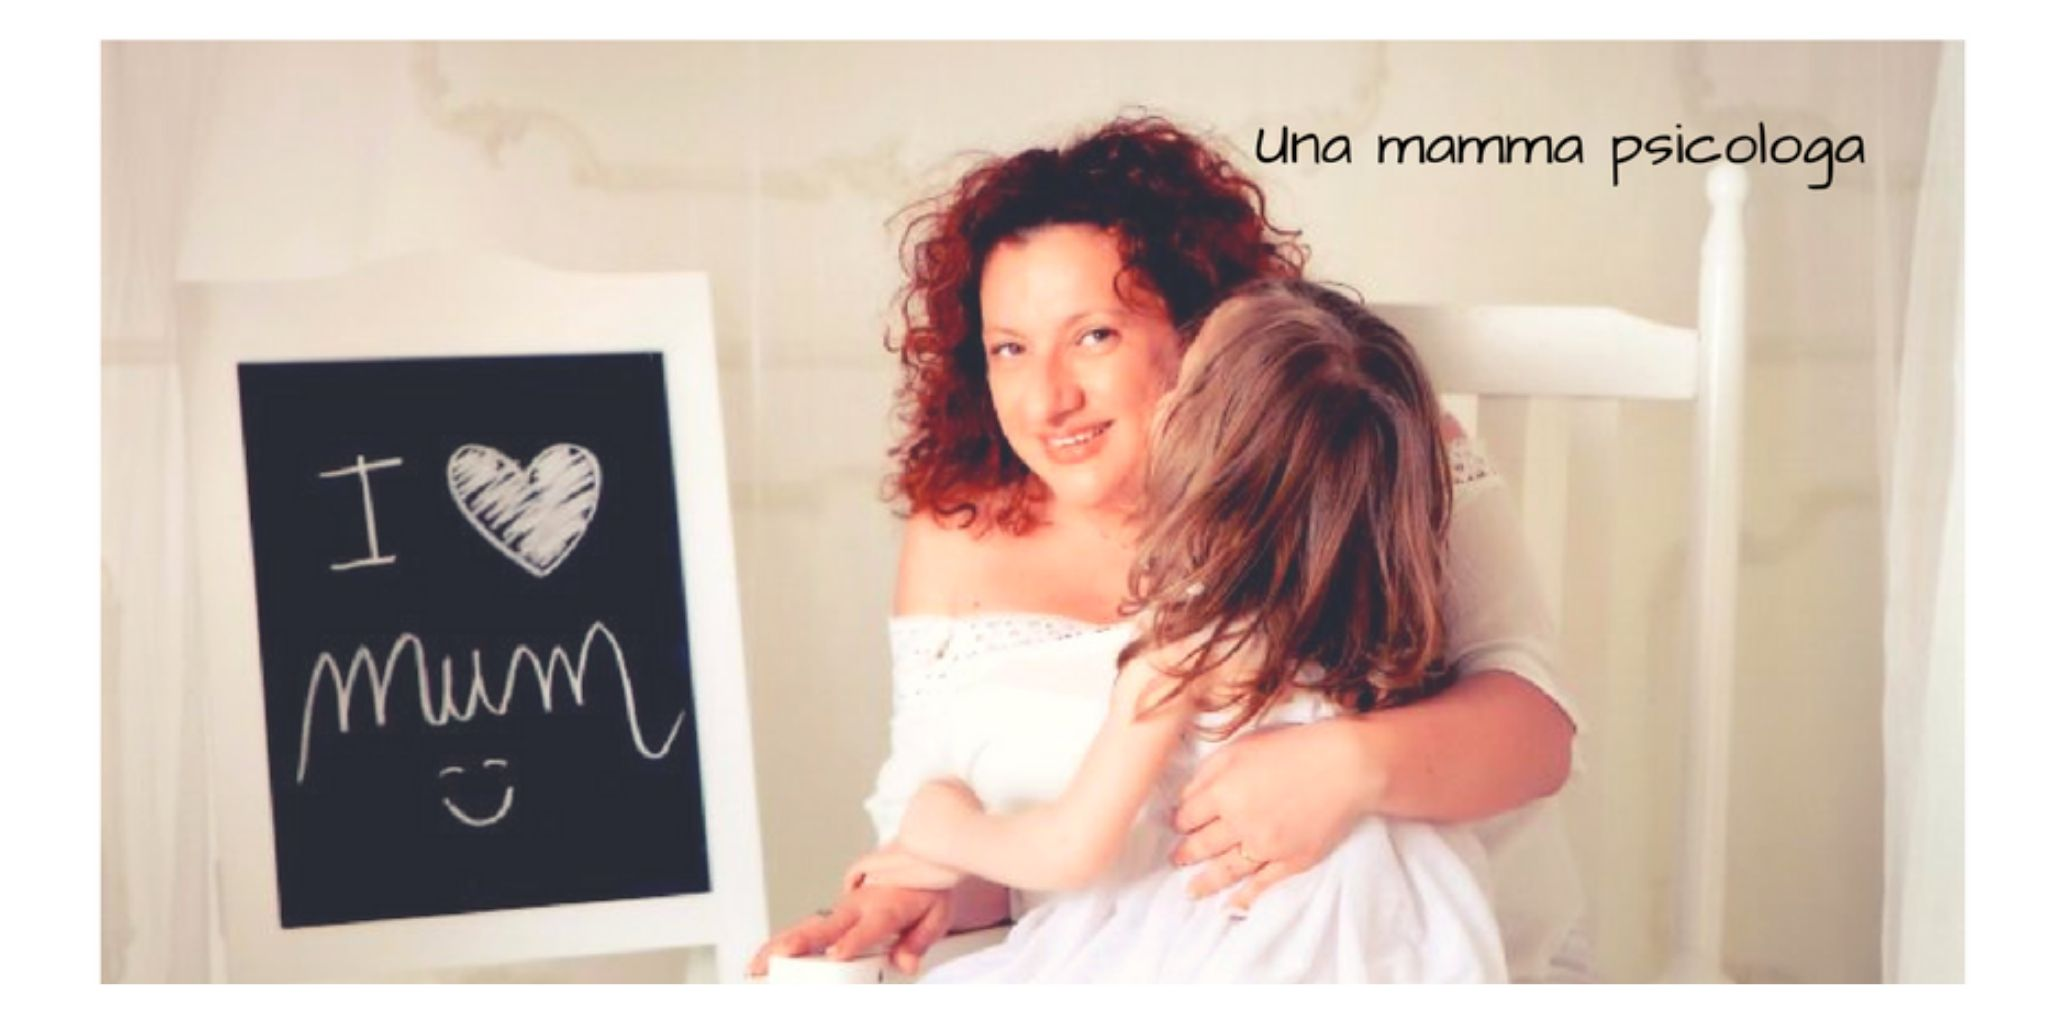 Intervista a Rosaria, mamma psicologa